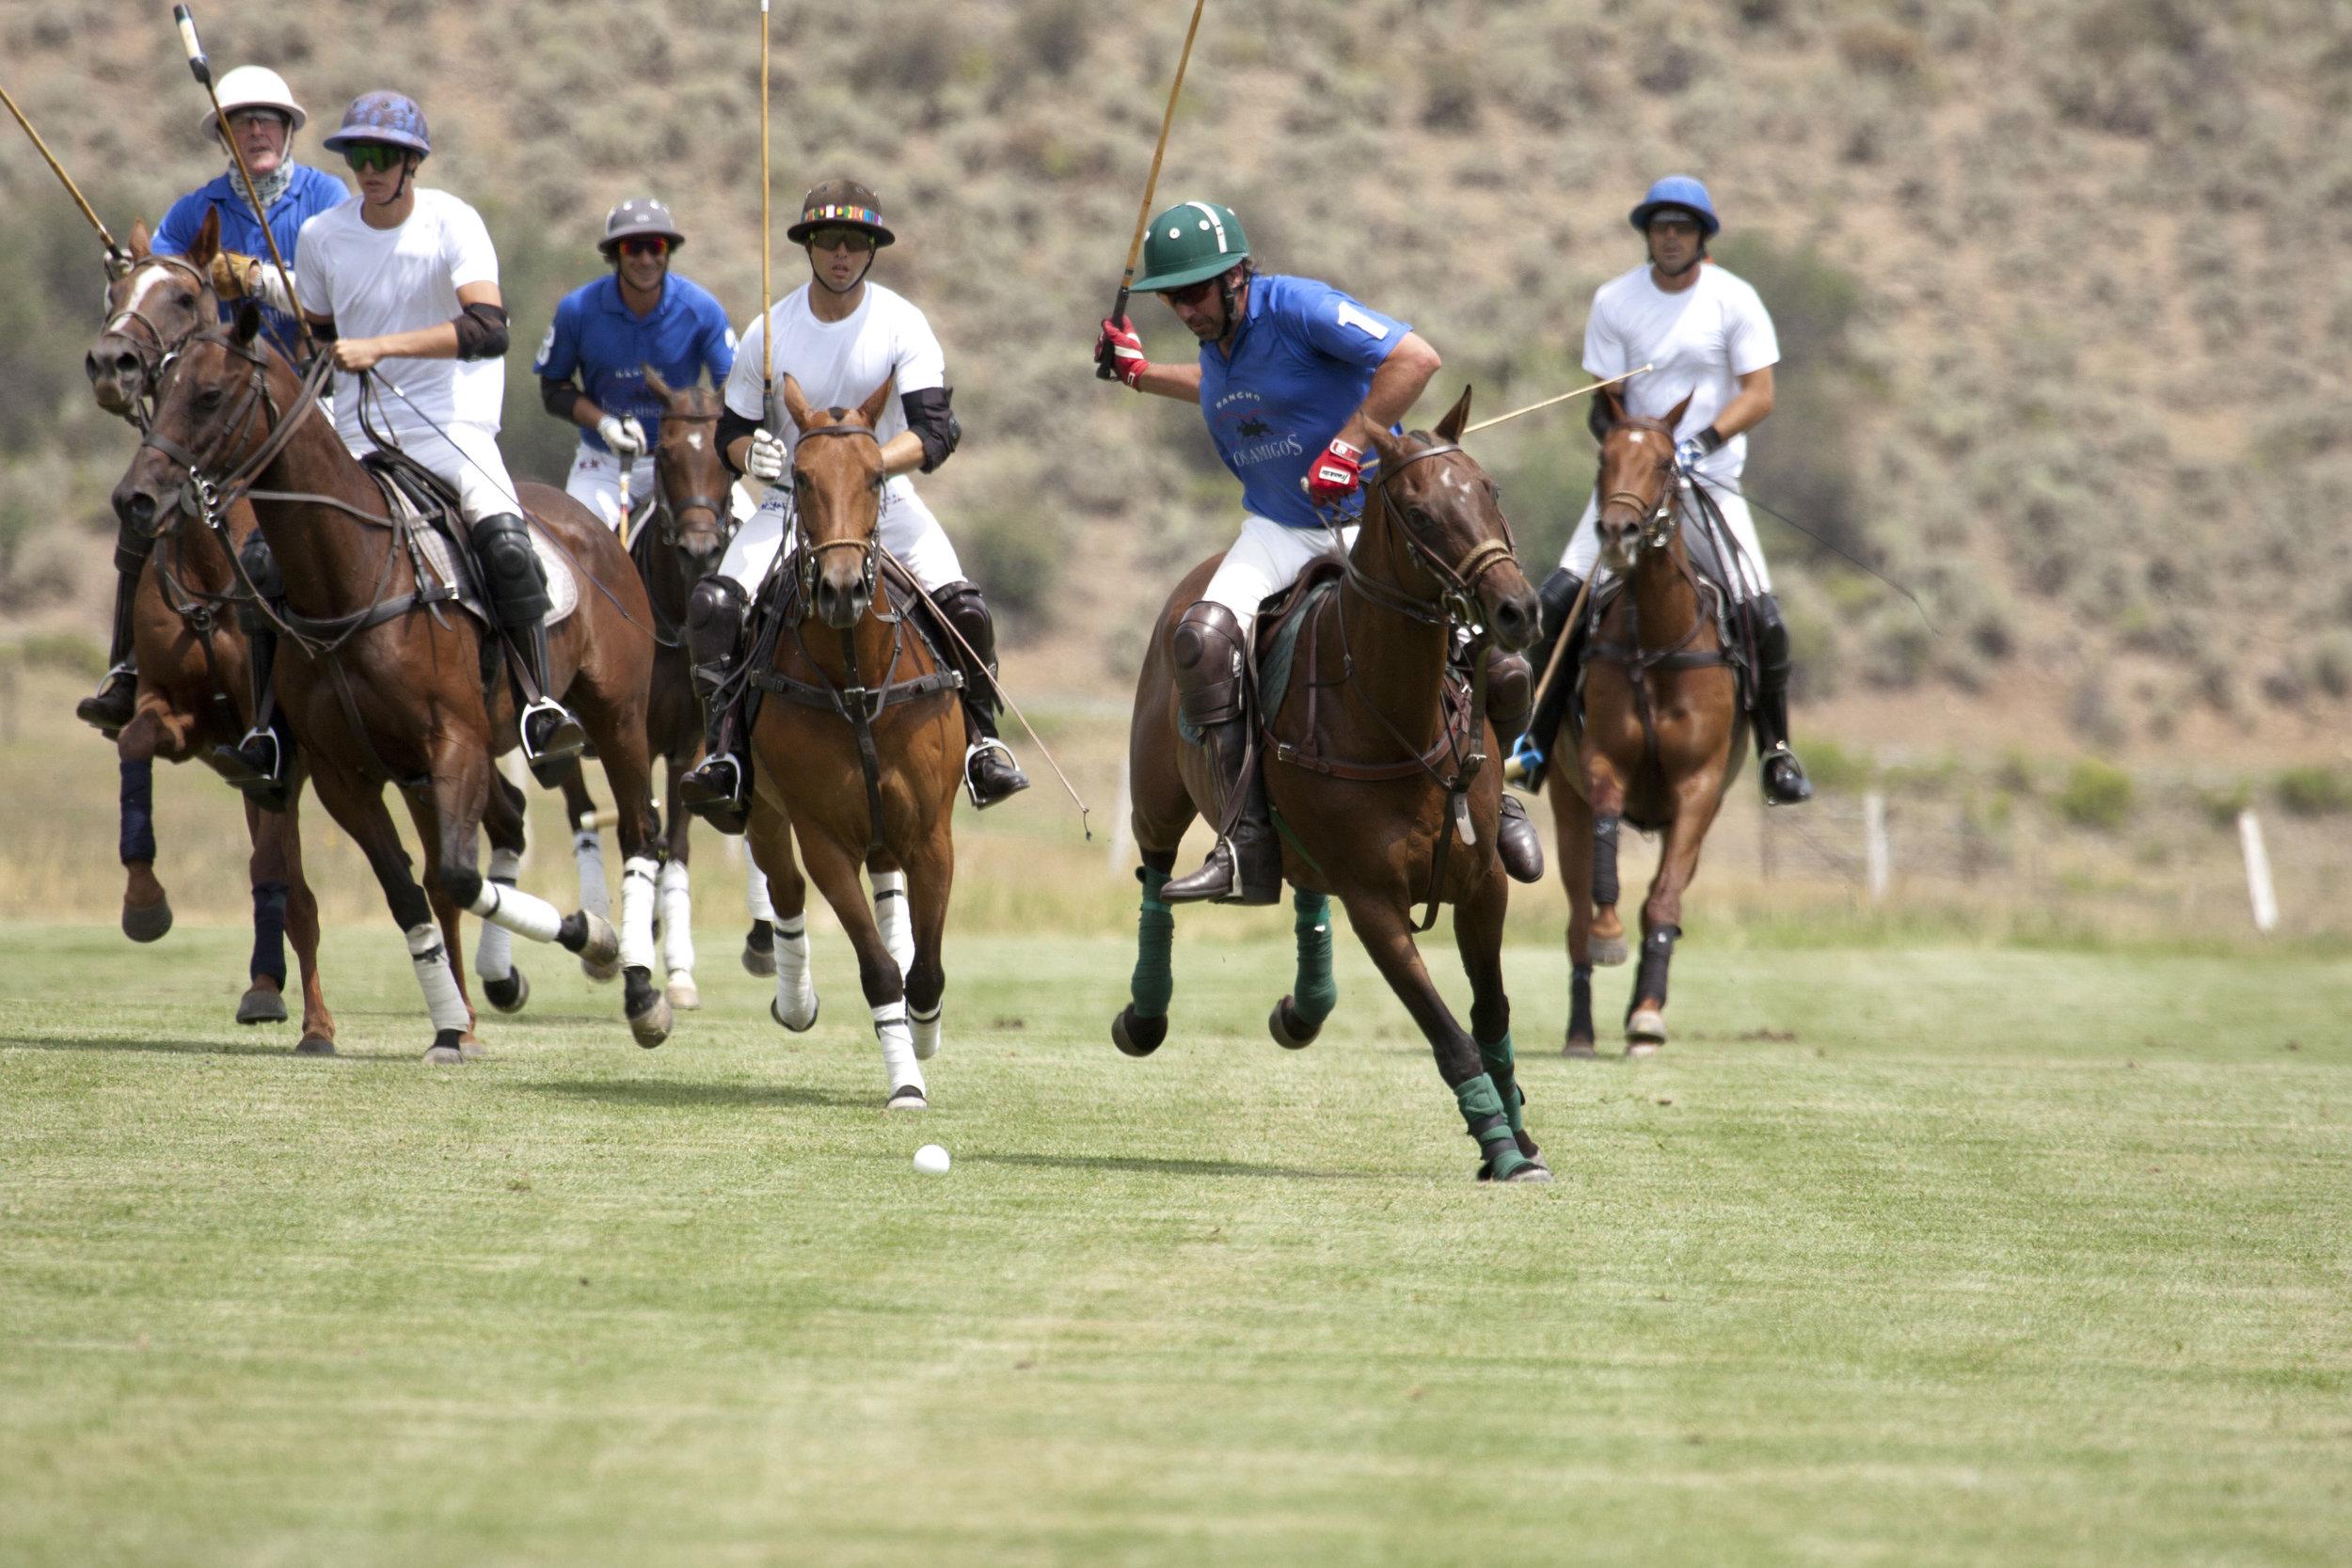 Alex Gooding of Los Amigos Blue is chased by Piocho teammates Hilario Figueras, Carlitos Gracida and Nacho Figueras.